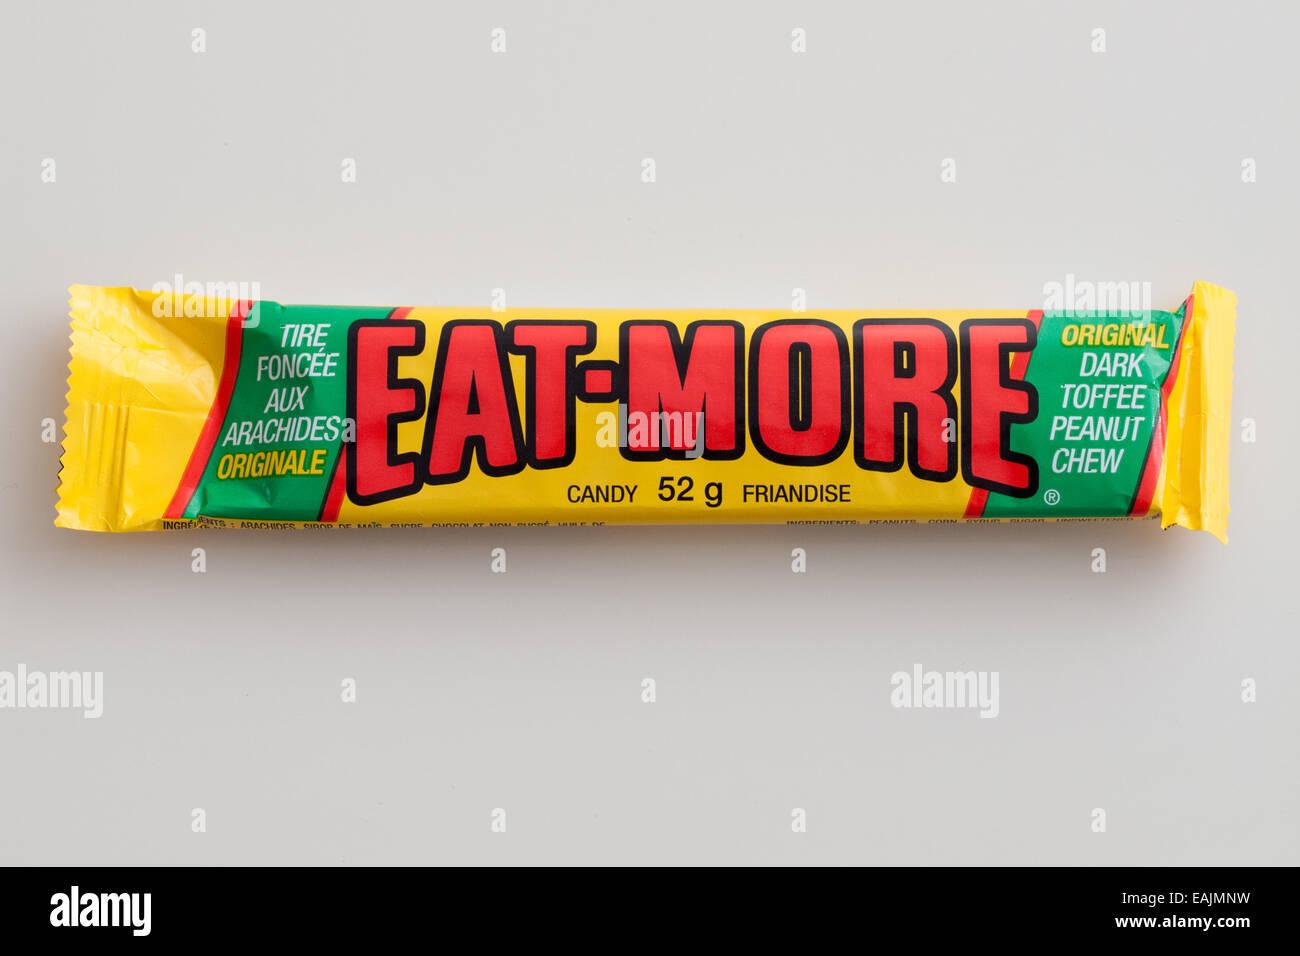 Un Eat-More candy bar, faite par la Compagnie Hershey. Photo Stock